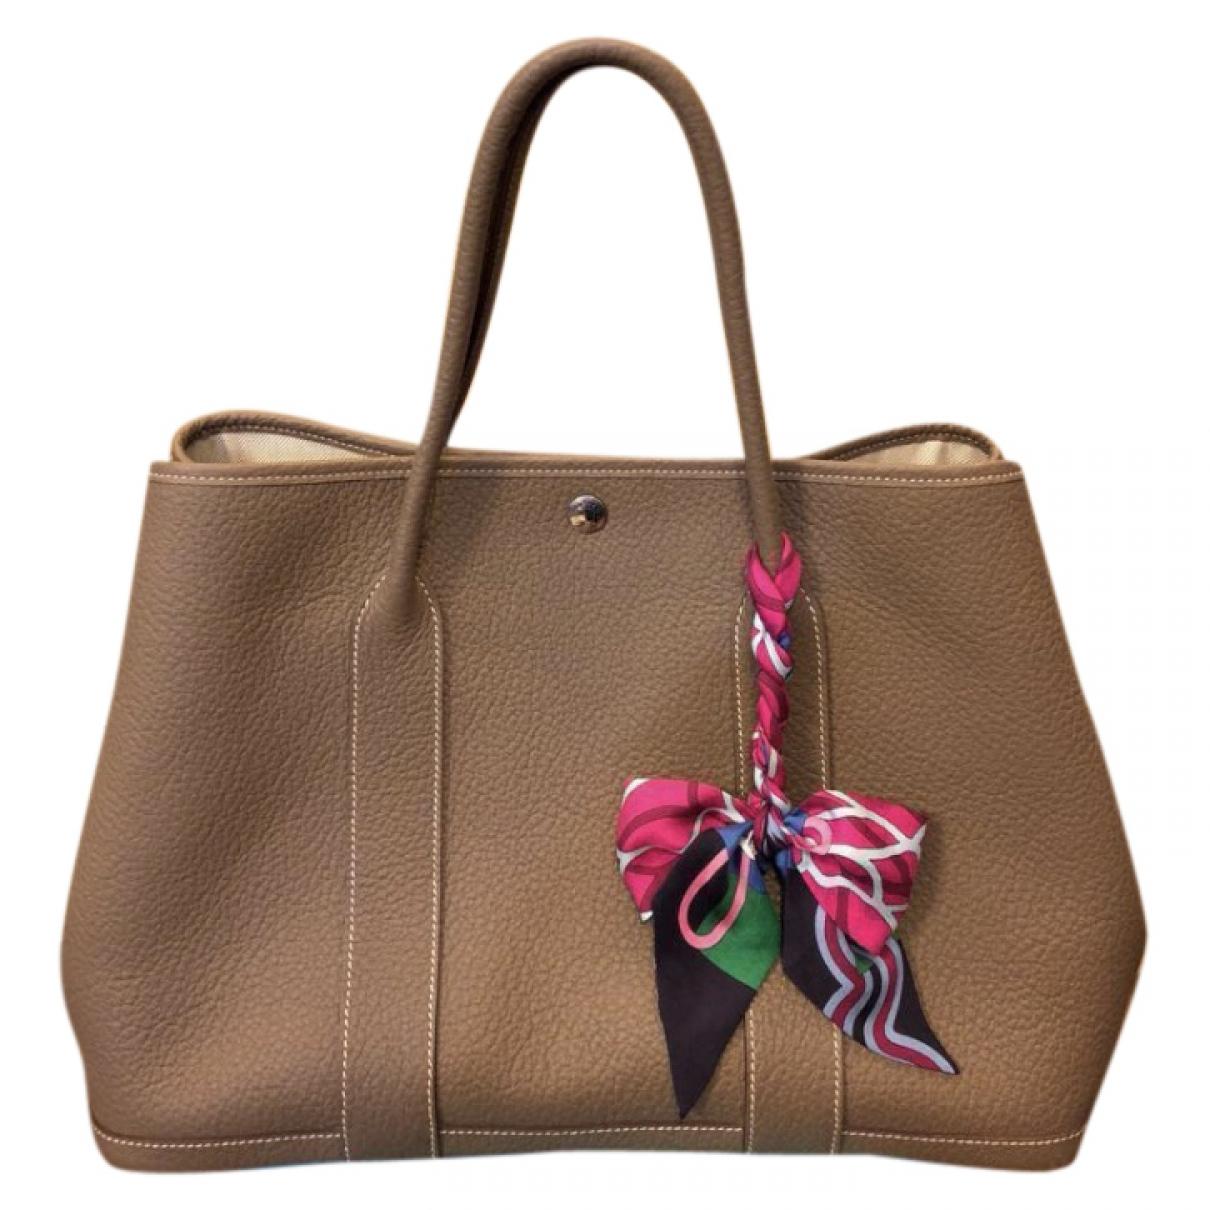 Hermes Garden Party Handtasche in  Braun Leder